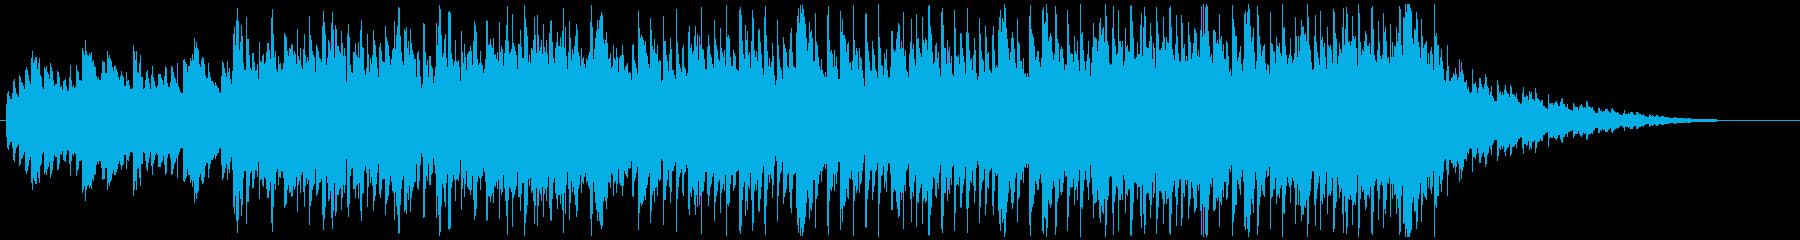 琴や三味線を用いた和風で軽快なノリの曲の再生済みの波形